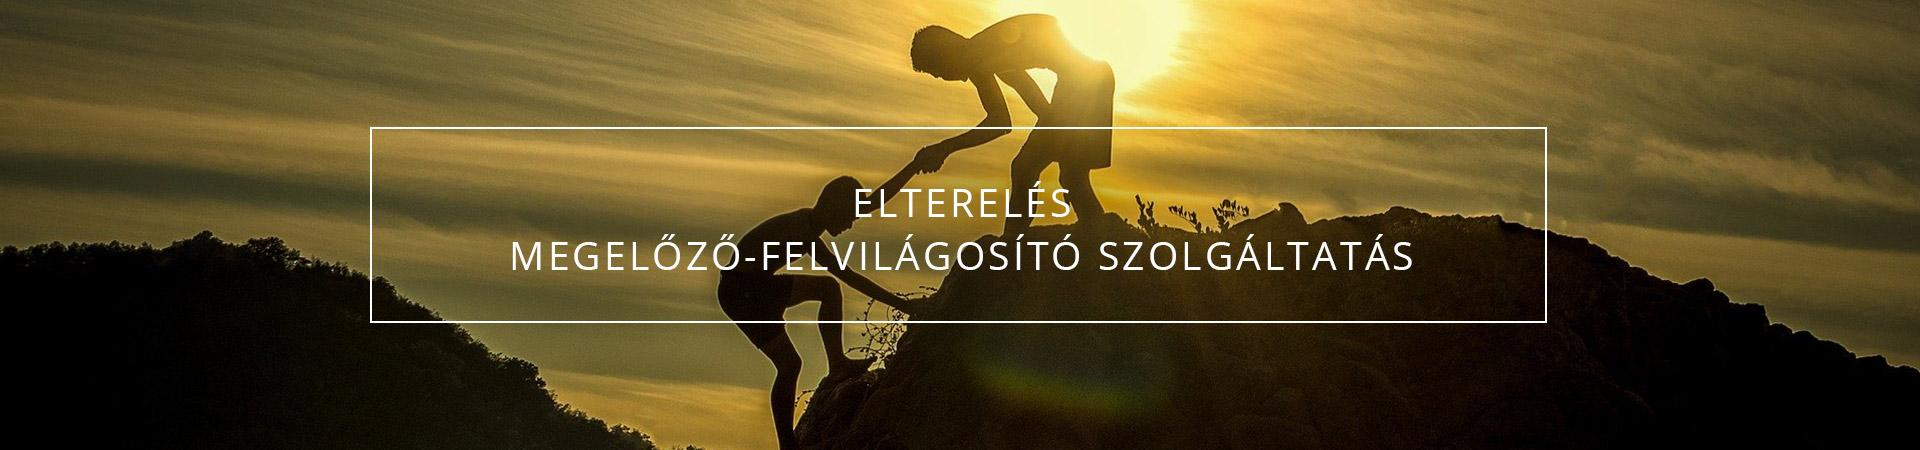 eltereles-header-pc-001.jpg